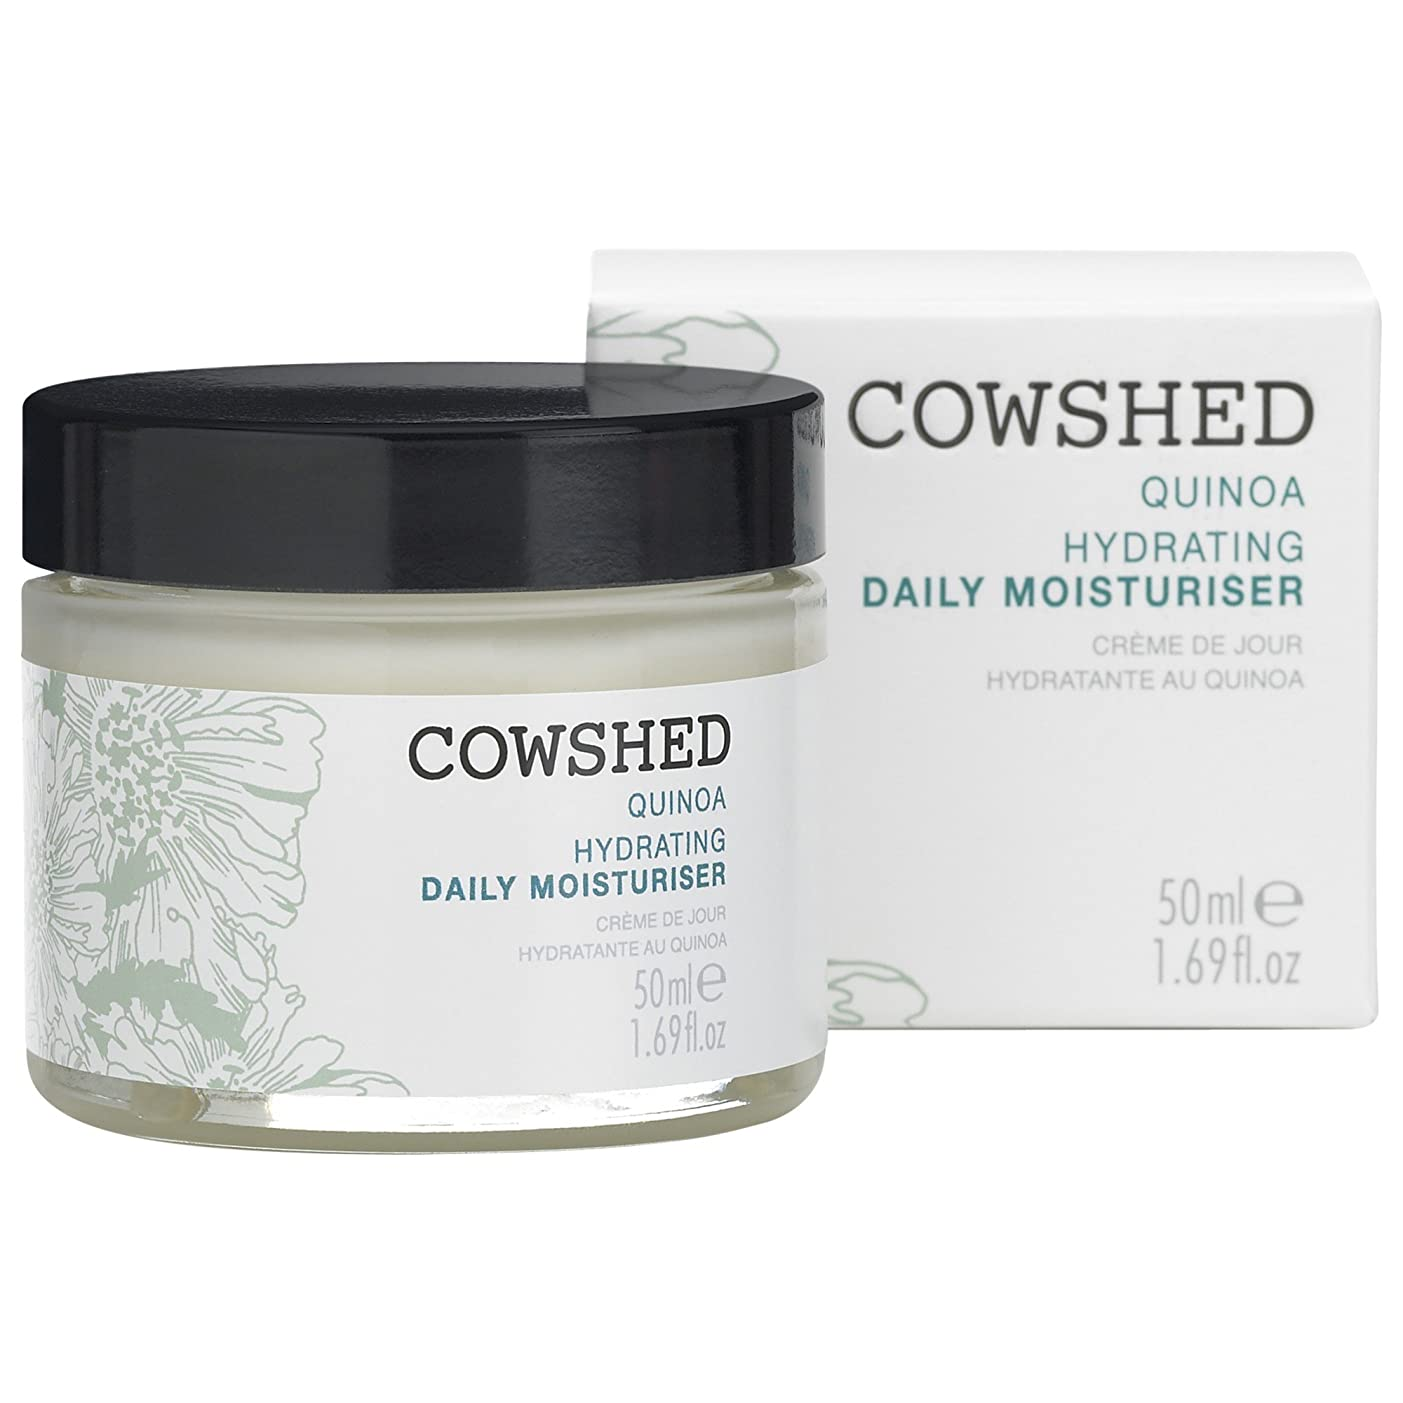 シャツ市長叱る牛舎キノア水和毎日の保湿クリーム50Ml (Cowshed) (x2) - Cowshed Quinoa Hydrating Daily Moisturiser 50ml (Pack of 2) [並行輸入品]